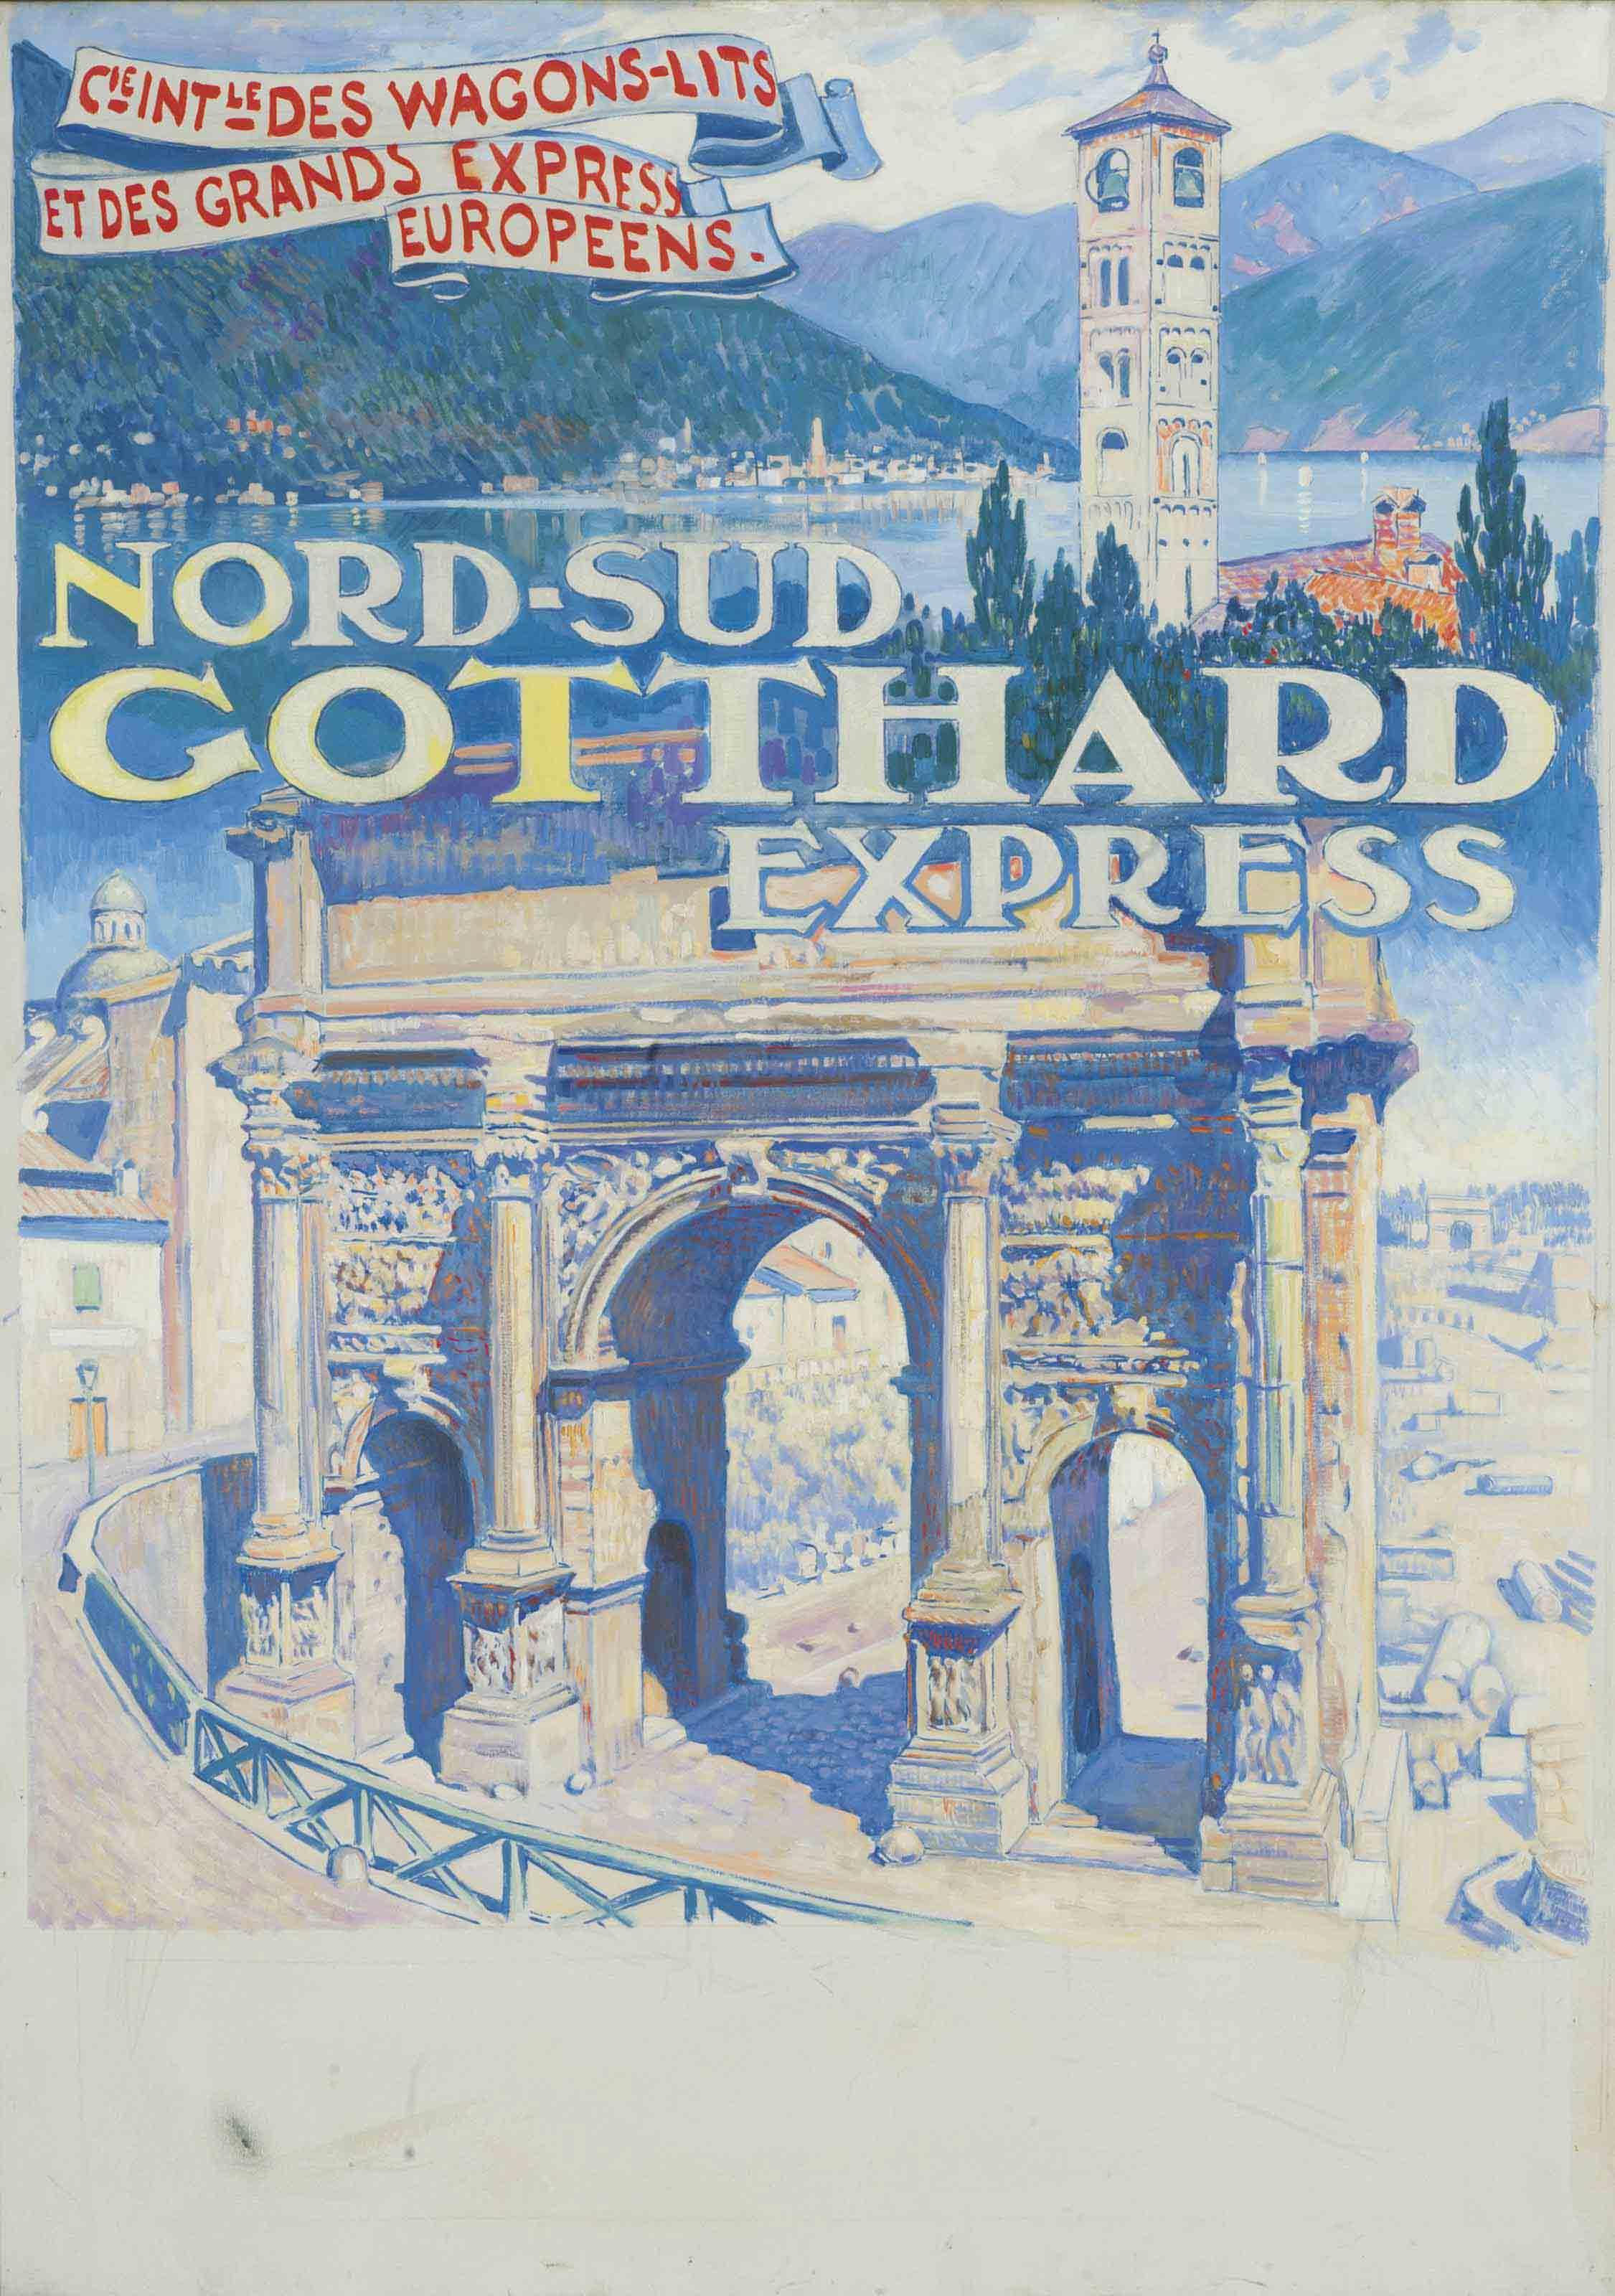 Nord-Sud Gotthard Express (Projet d'affiche pour La Compagnie des Wagons-Lits)